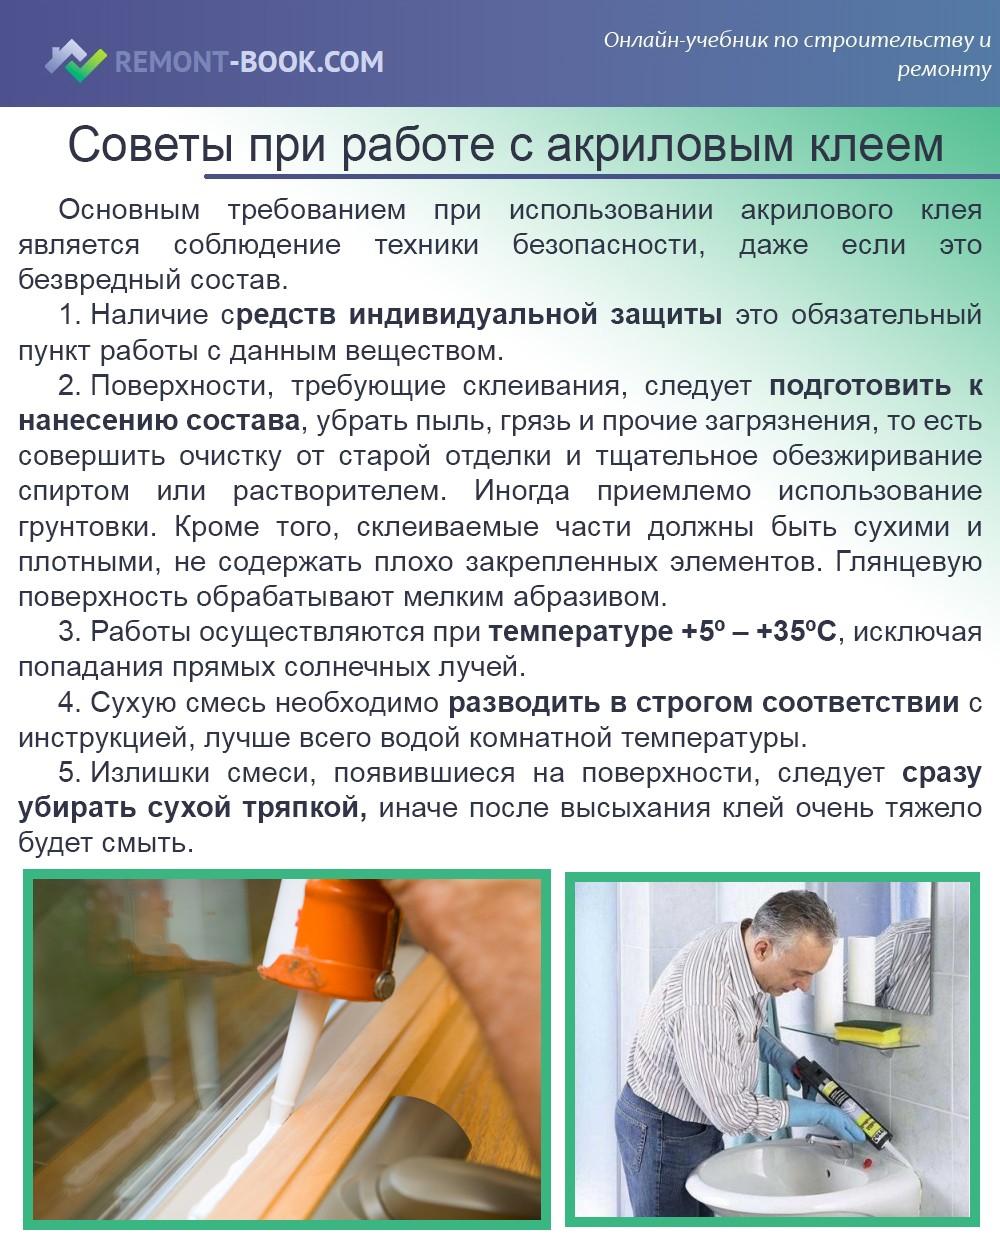 Советы при работе с акриловым клеем